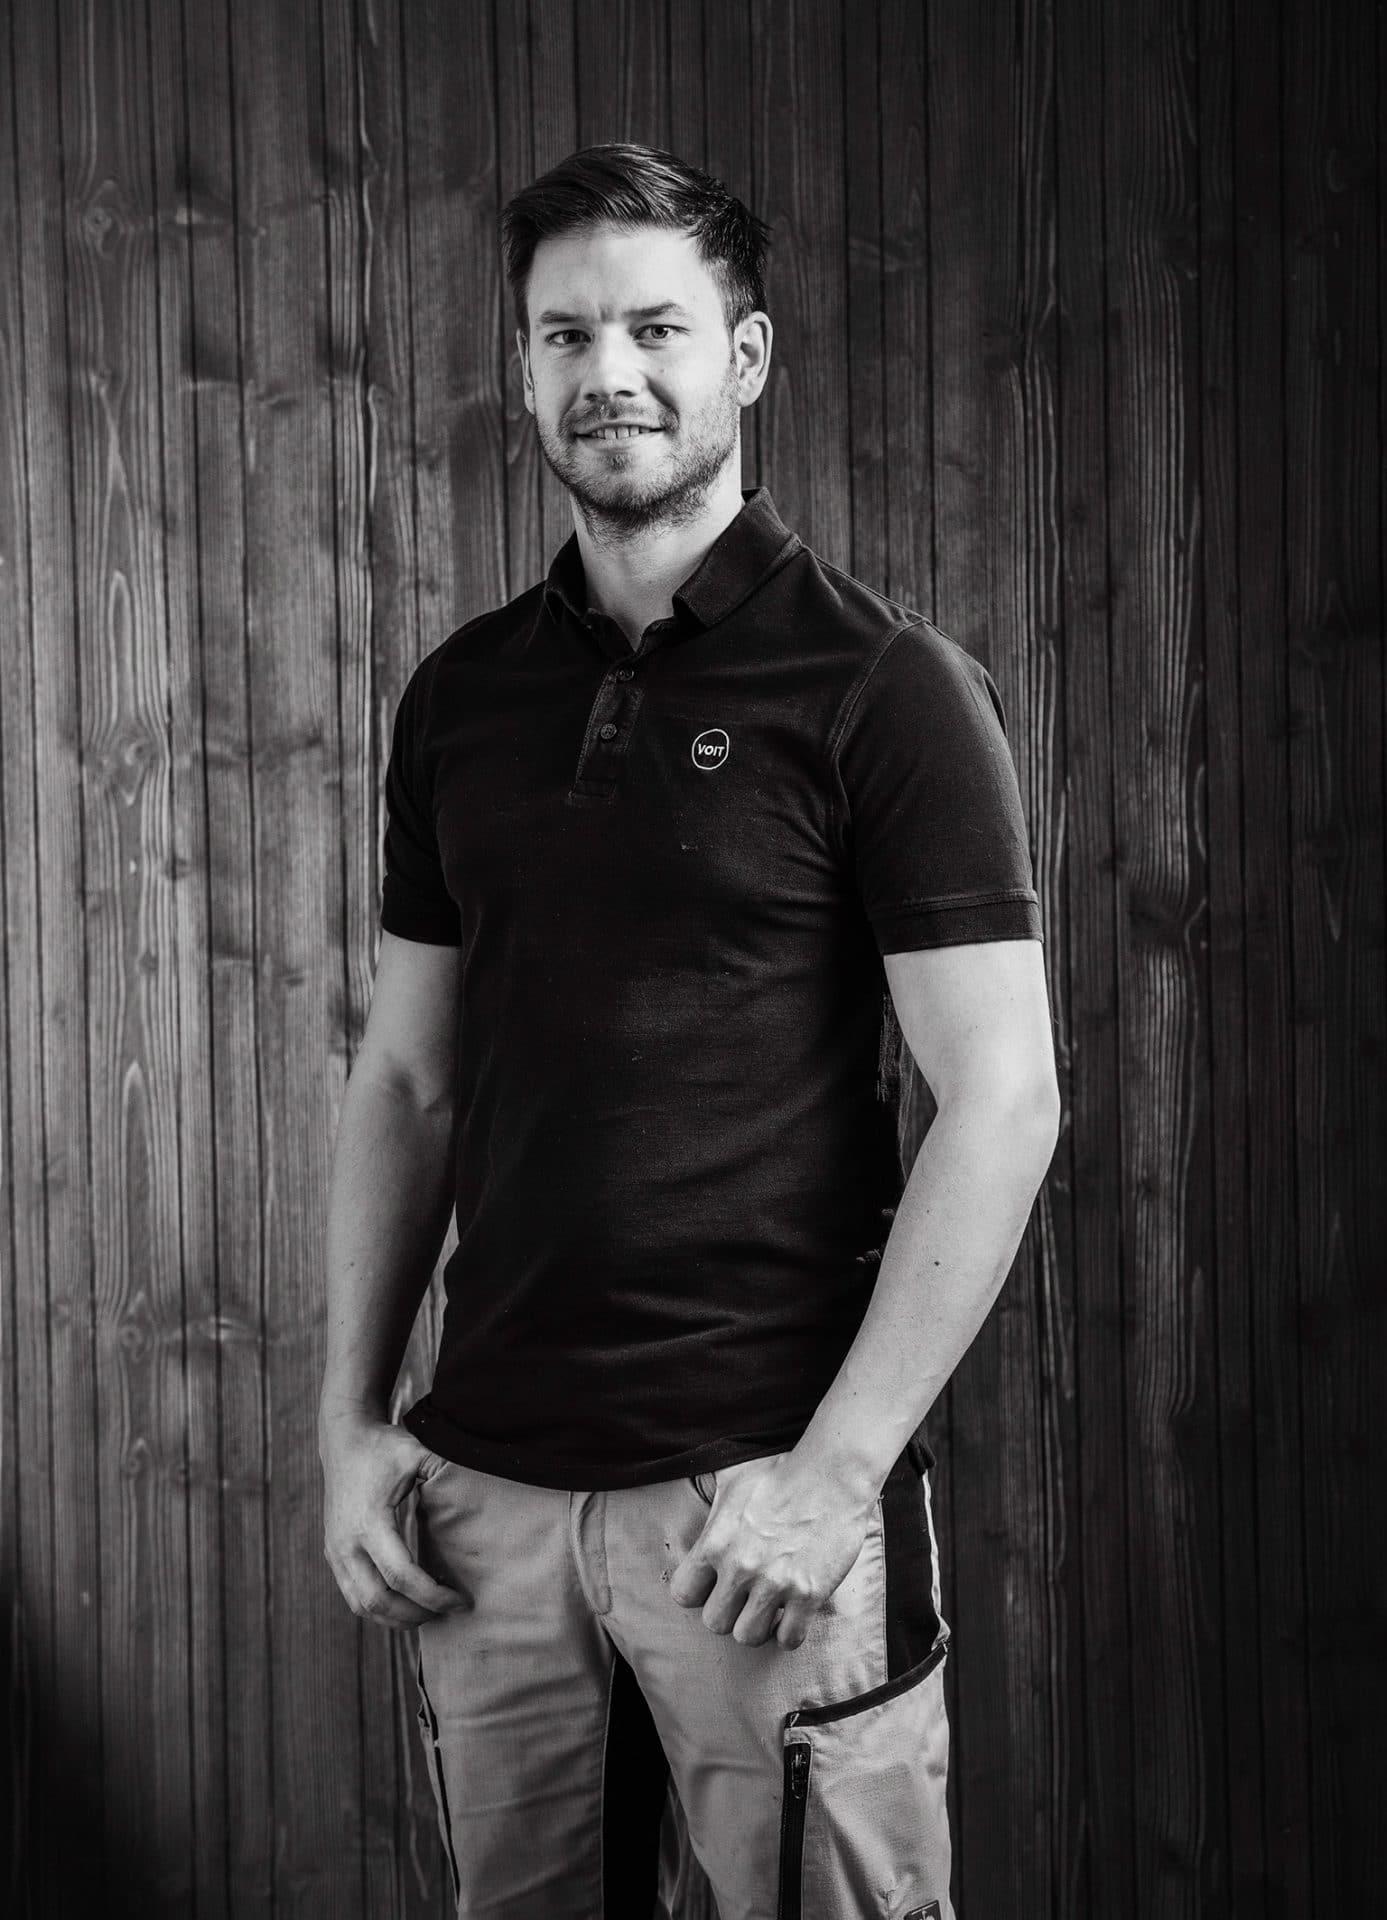 Portrait von Michael Hölzl - Schreinermeister der Firma VOIT - Bild in schwarz-weiß